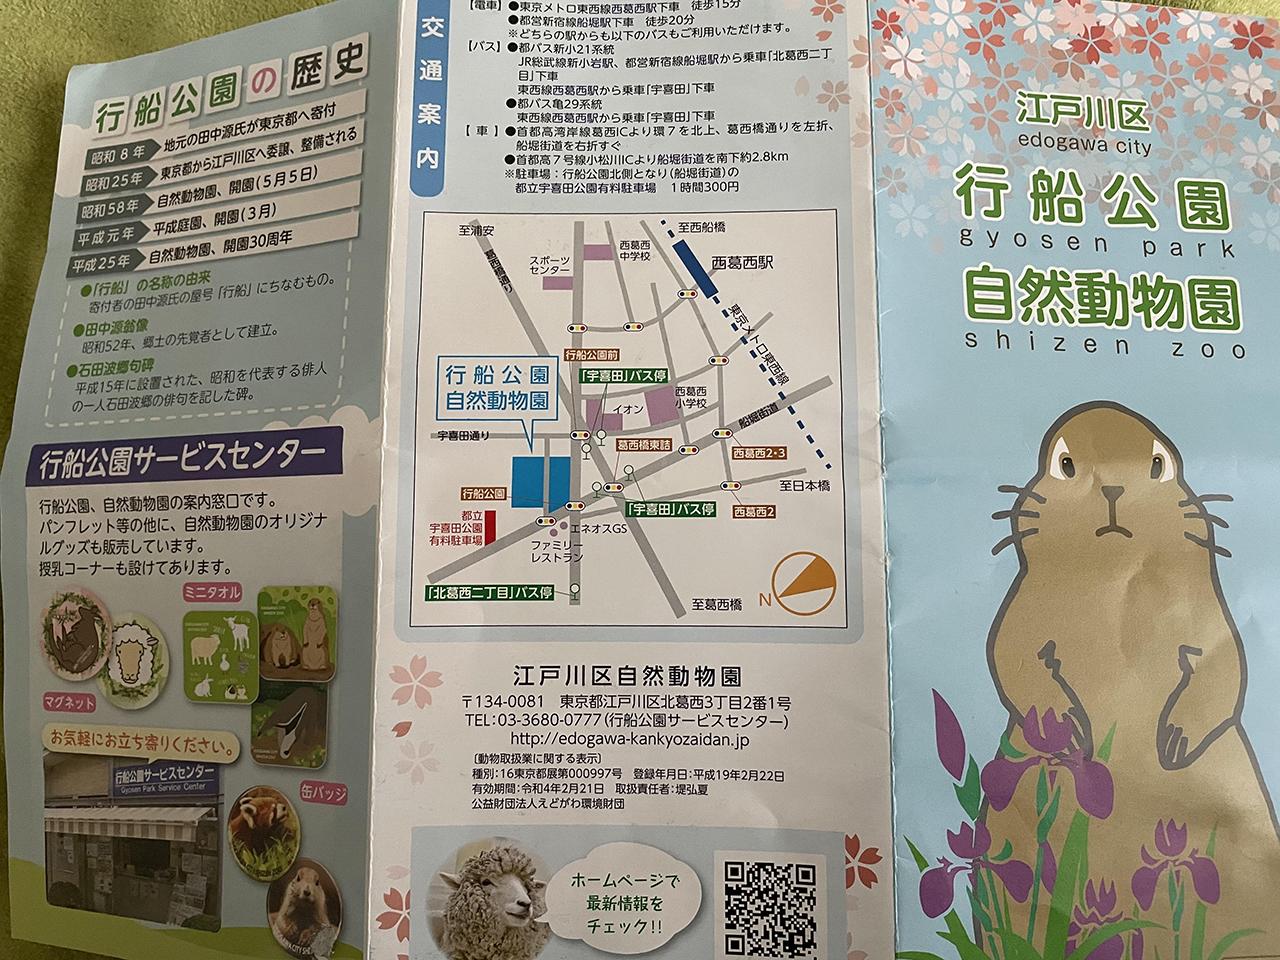 江戸川区自然公園のパンフレットの写真